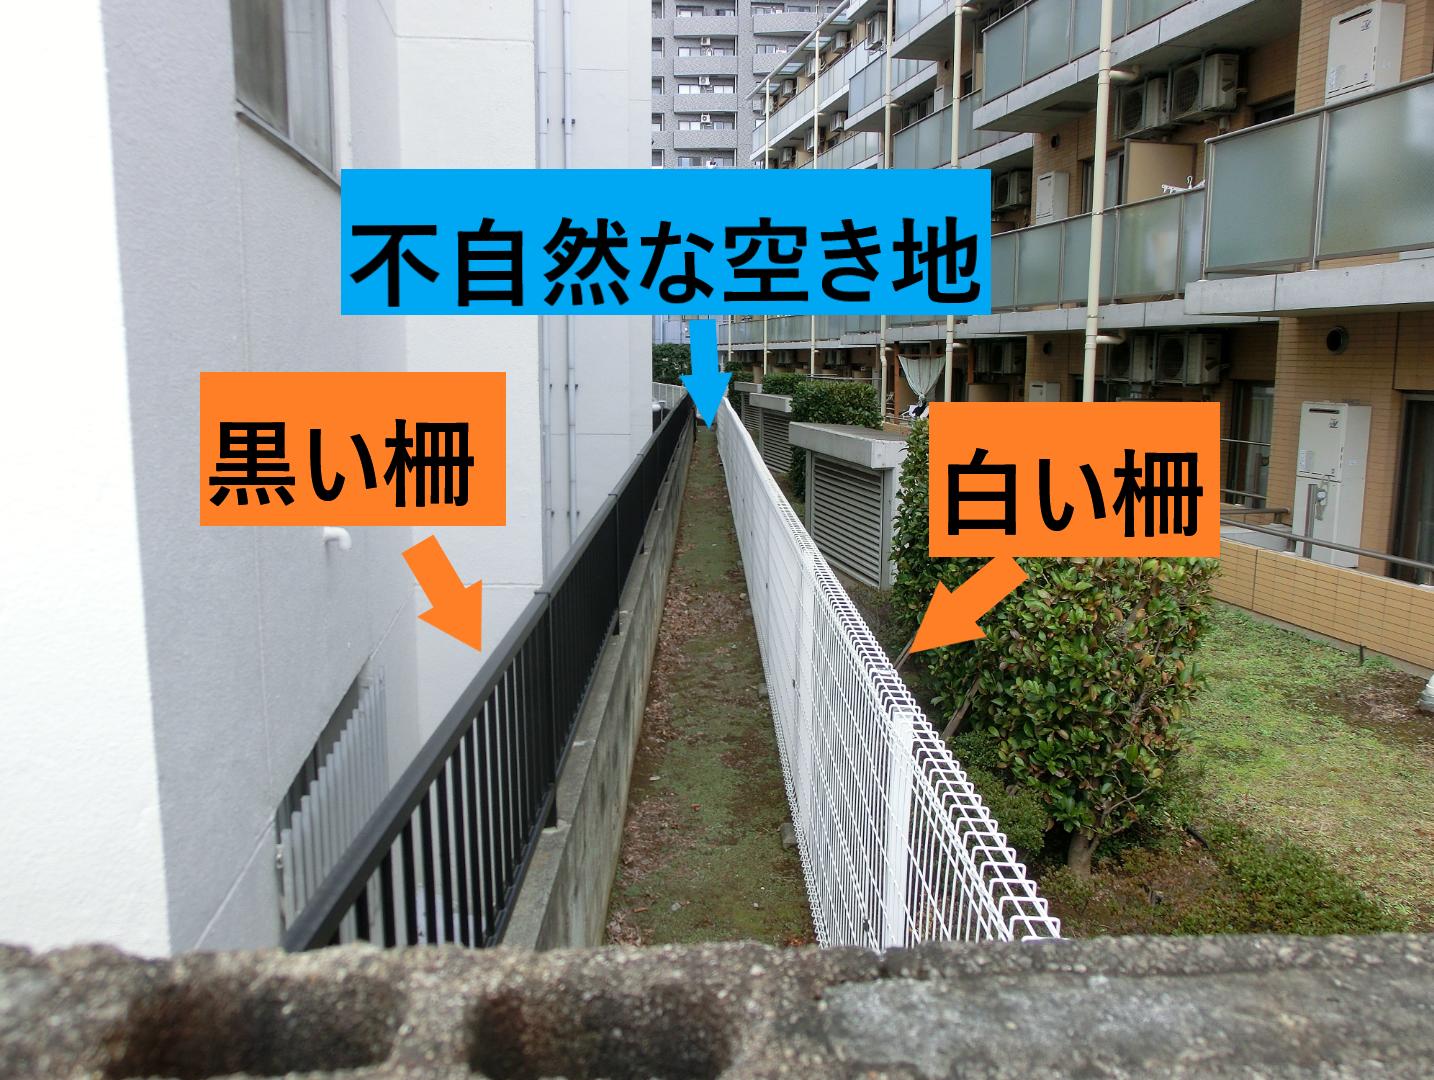 駐車場 不自然な空き地 三田用水跡散策6